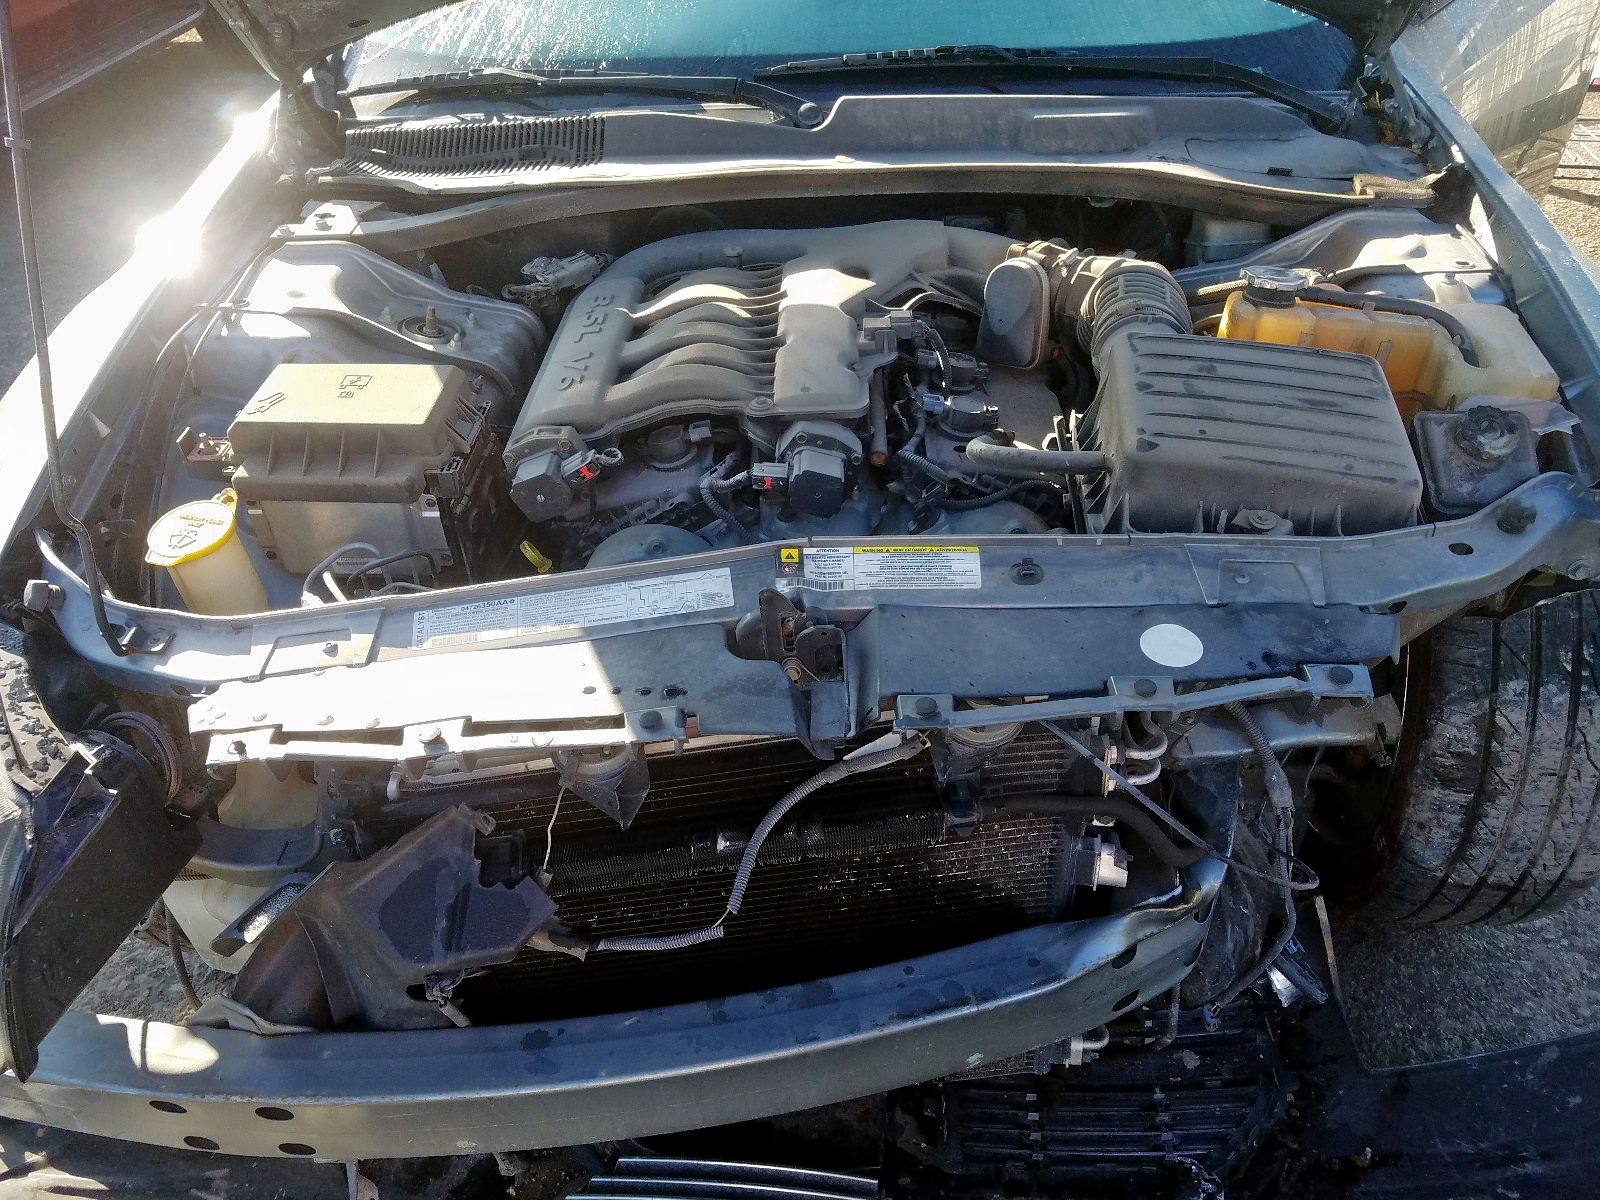 2D4FV47V67H720660 - 2007 Dodge Magnum Sxt 3.5L inside view